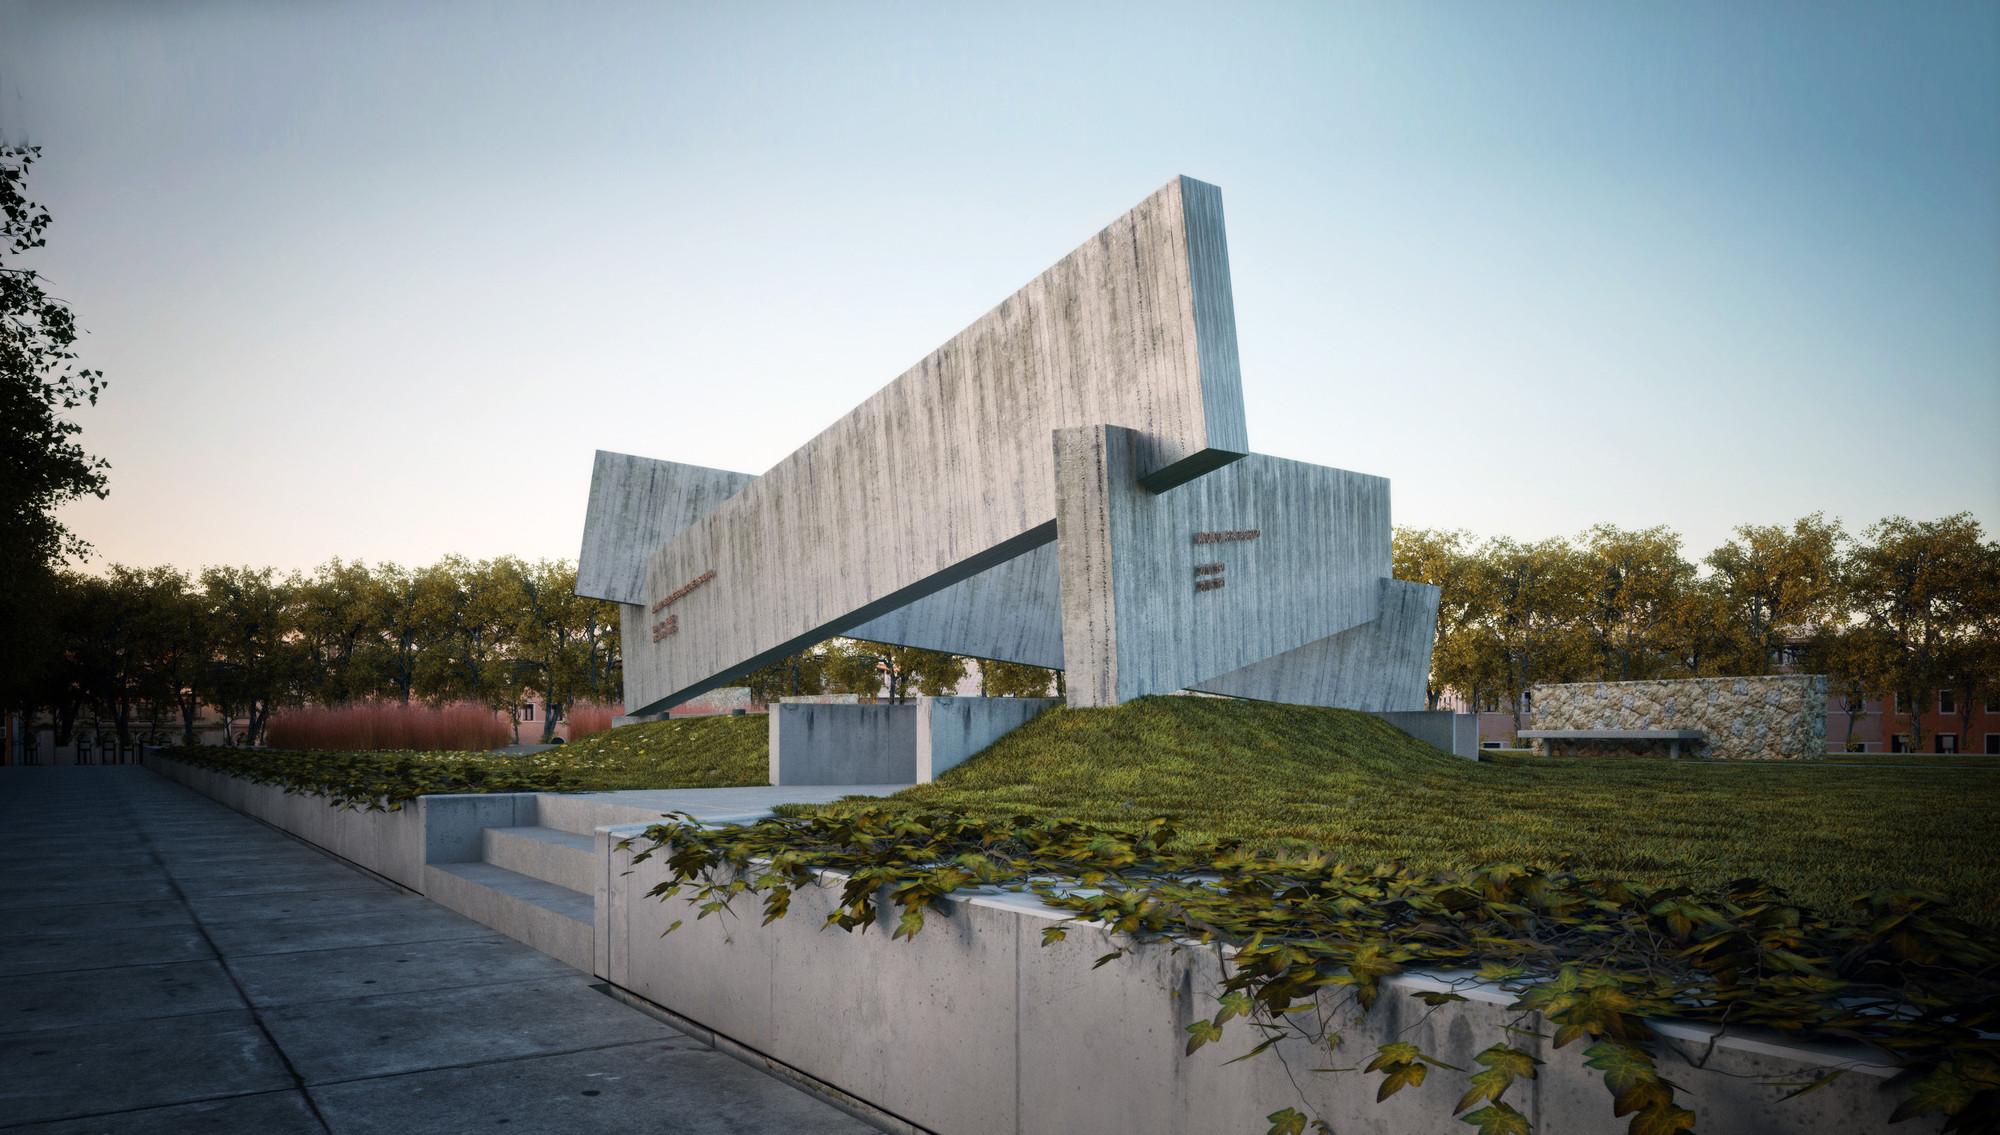 Primera Mención en concurso Memorial de los Detenidos Desaparecidos en Uruguay, Cortesia de Estudio / LT